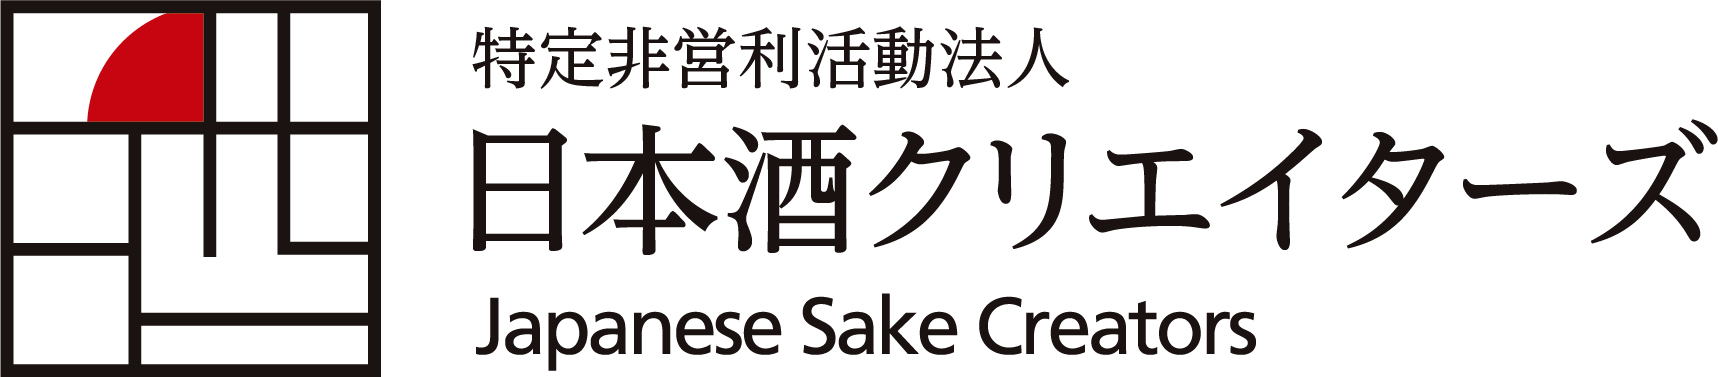 特定非営利活動法人 日本酒クリエイターズ